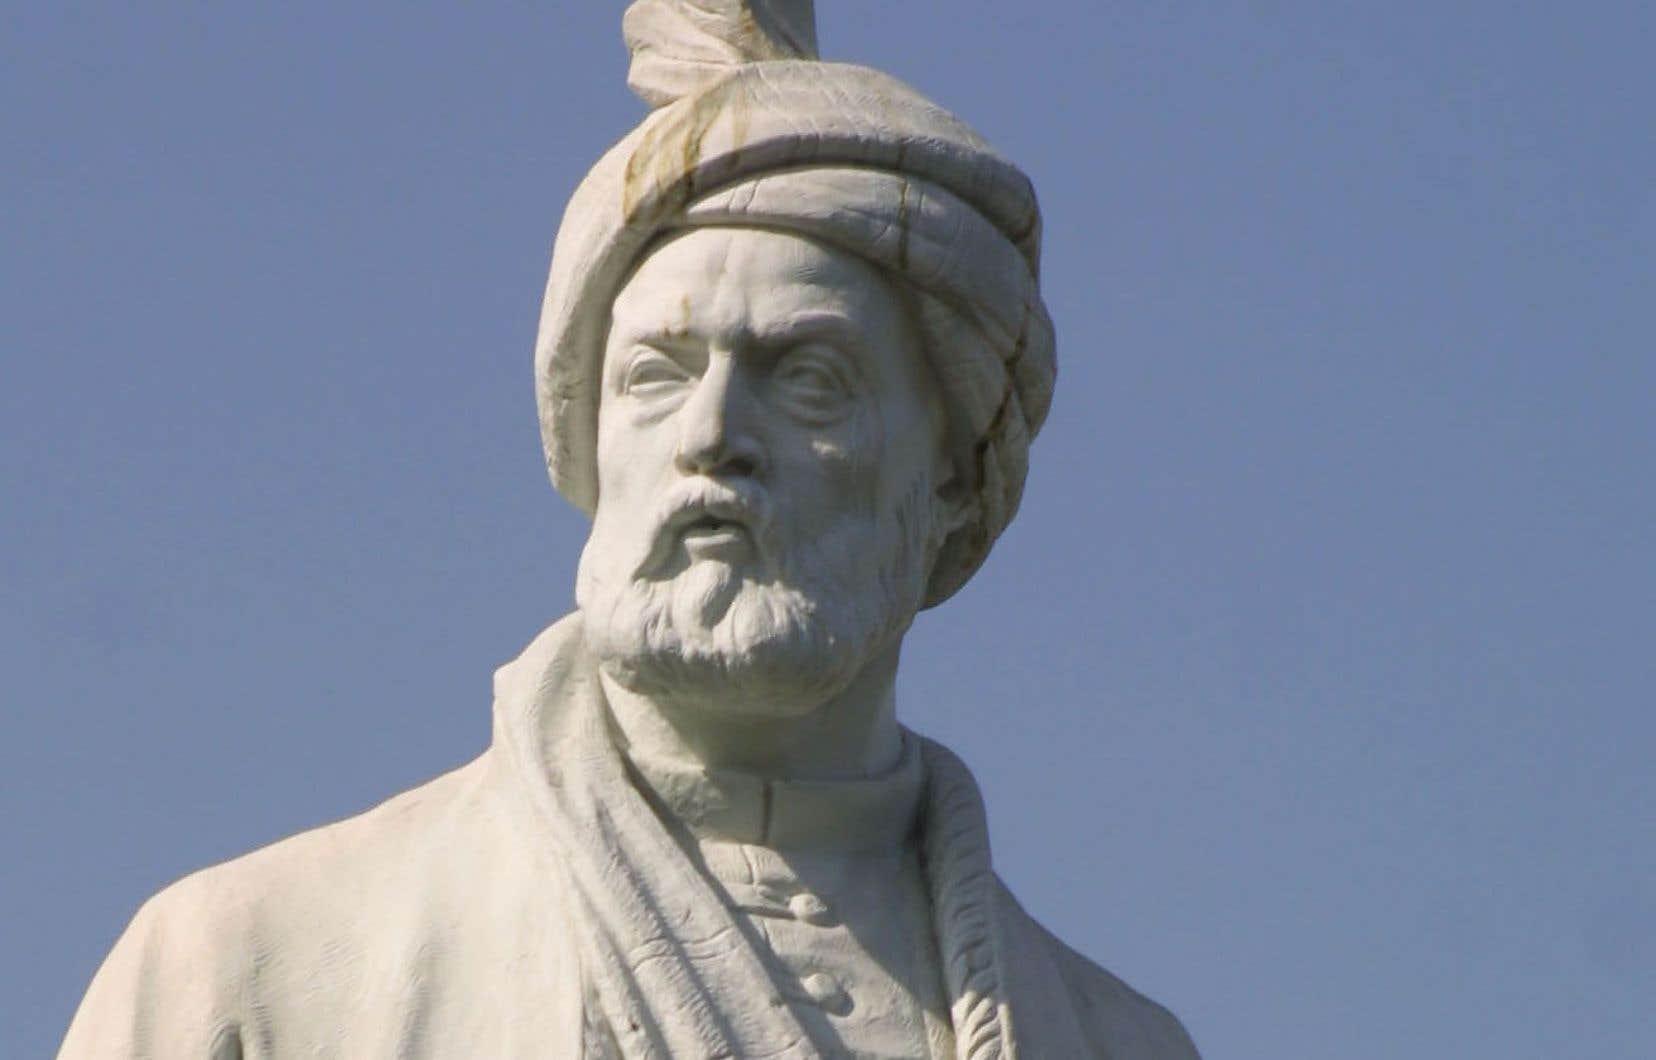 Cette statue du poète Ferdowsi trône dans le square qui porte son nom sur la rue de la... Révolution, à Téhéran.